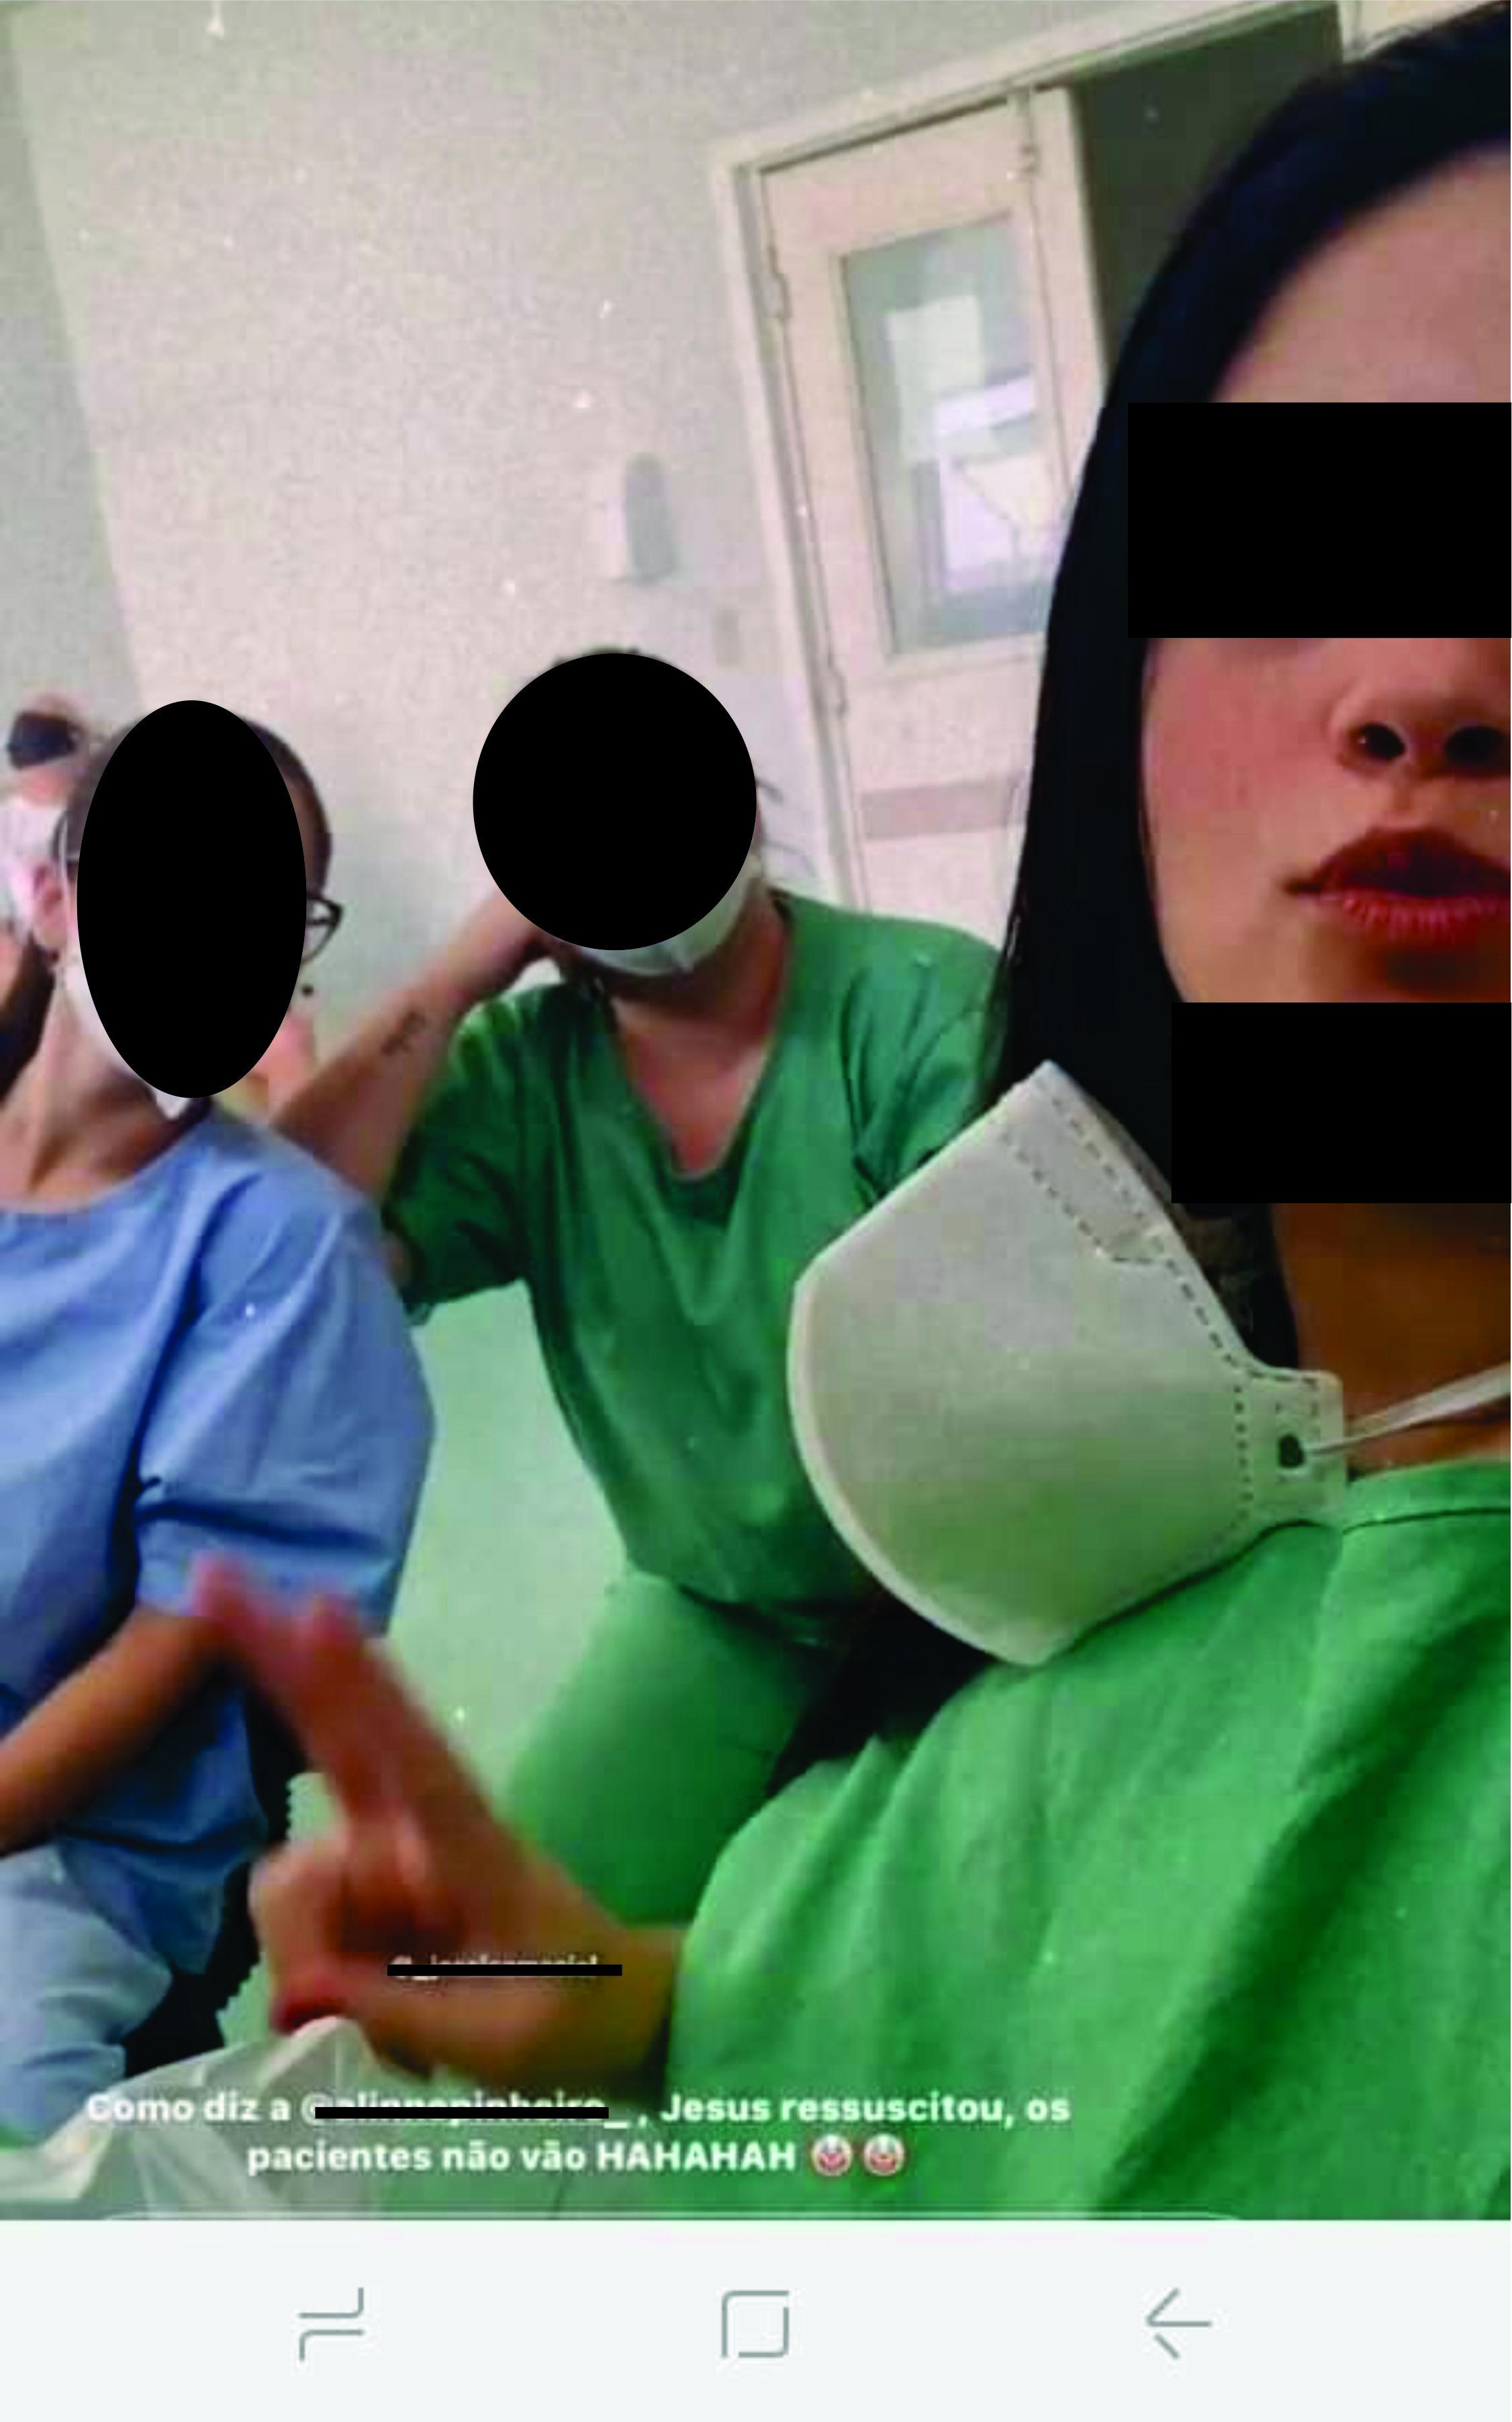 A Enfermeira de verde a direita é a que debocha e reclama junto com outra colega dos pacientes de COVID-19 que estão na UTI